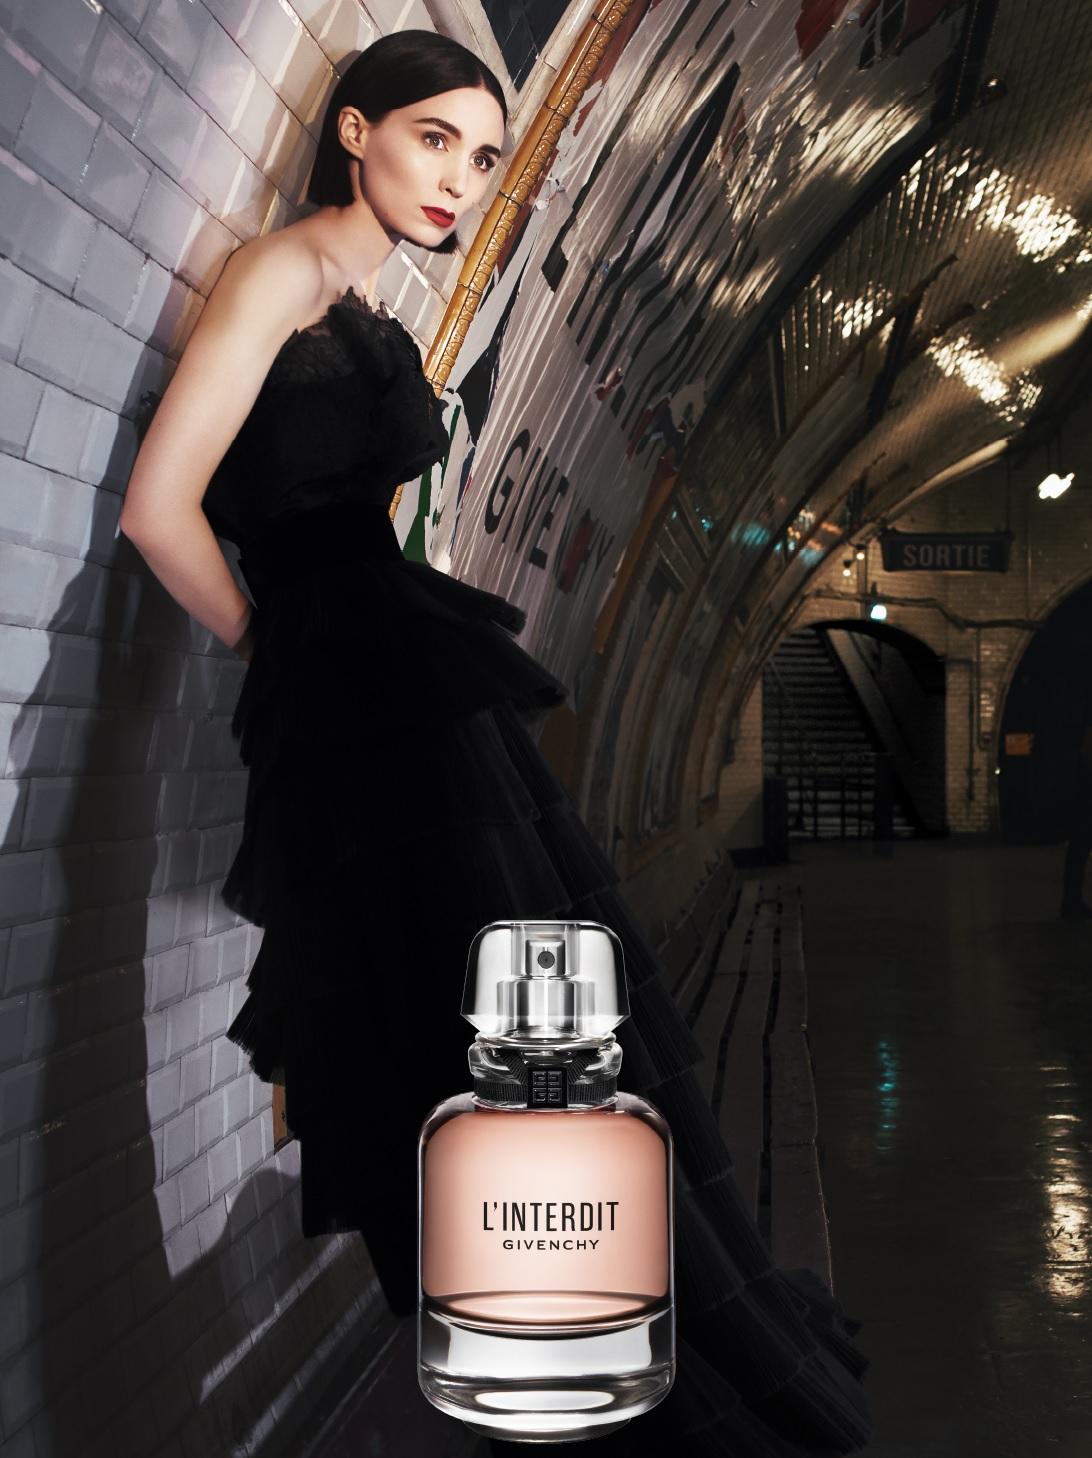 L'Interdit Eau de Parfum Givenchy parfum een nieuwe geur